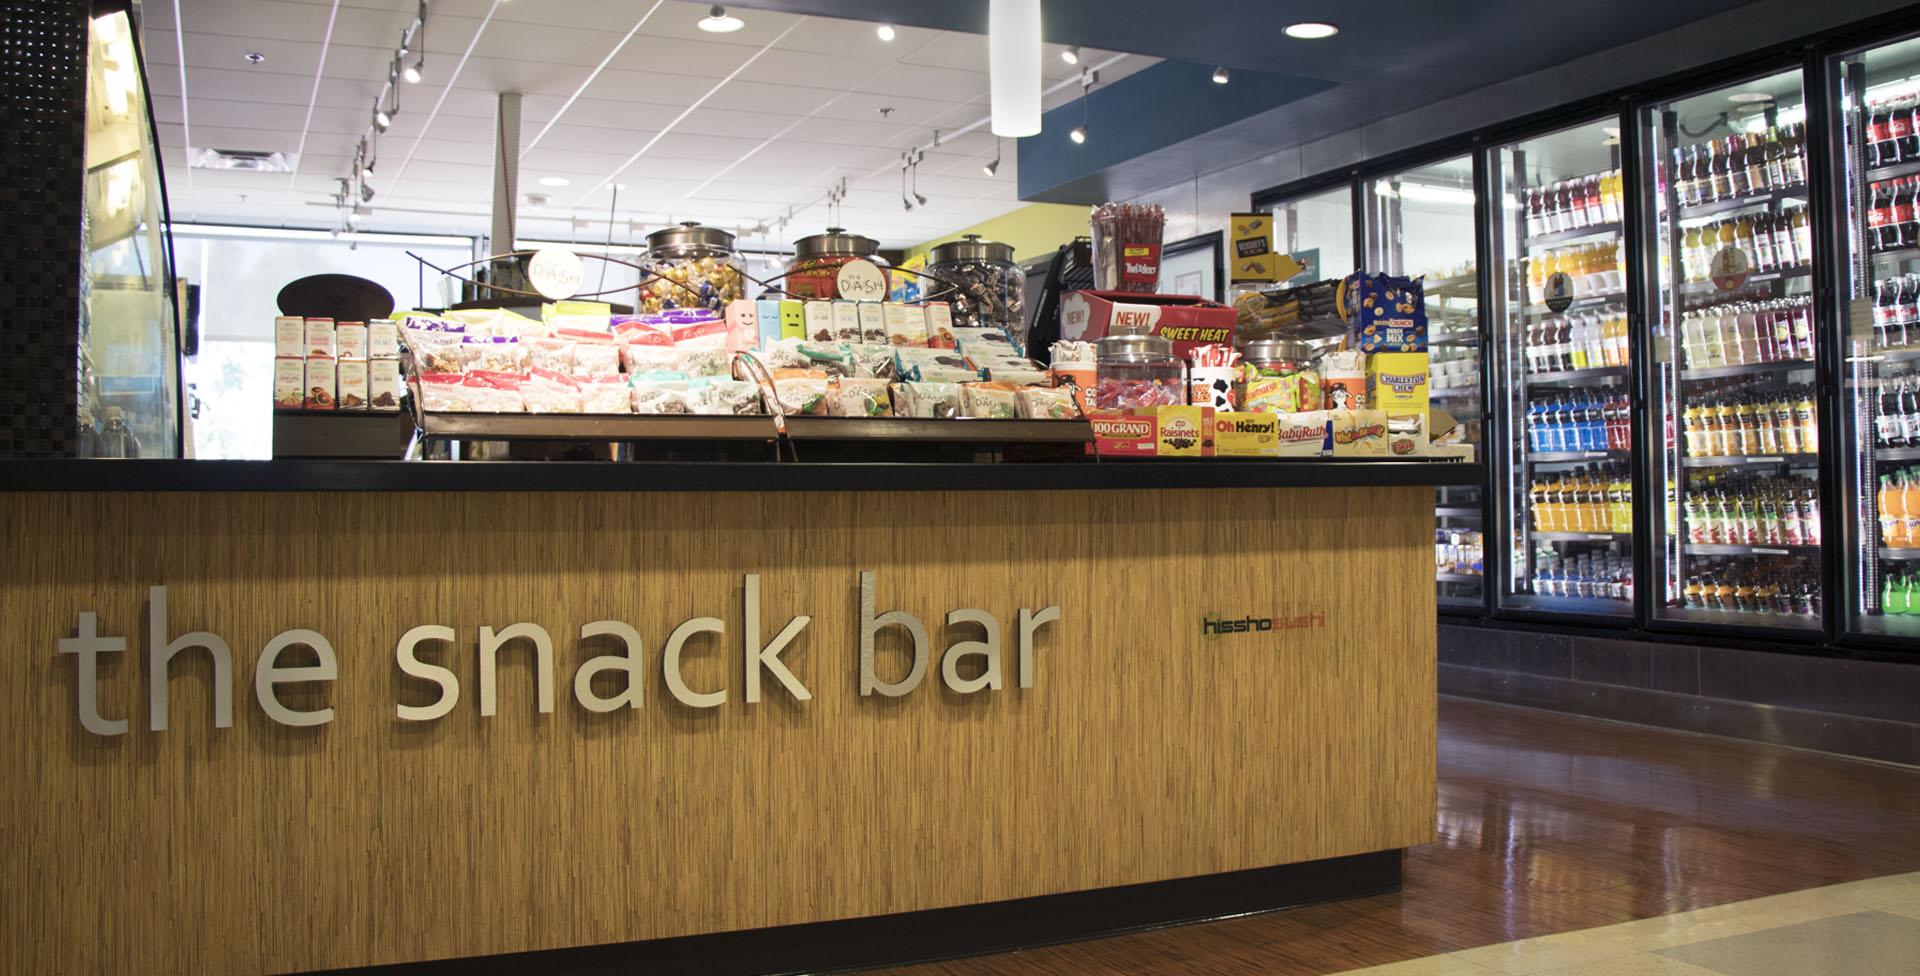 kinh doanh nhà hàng - snack bar